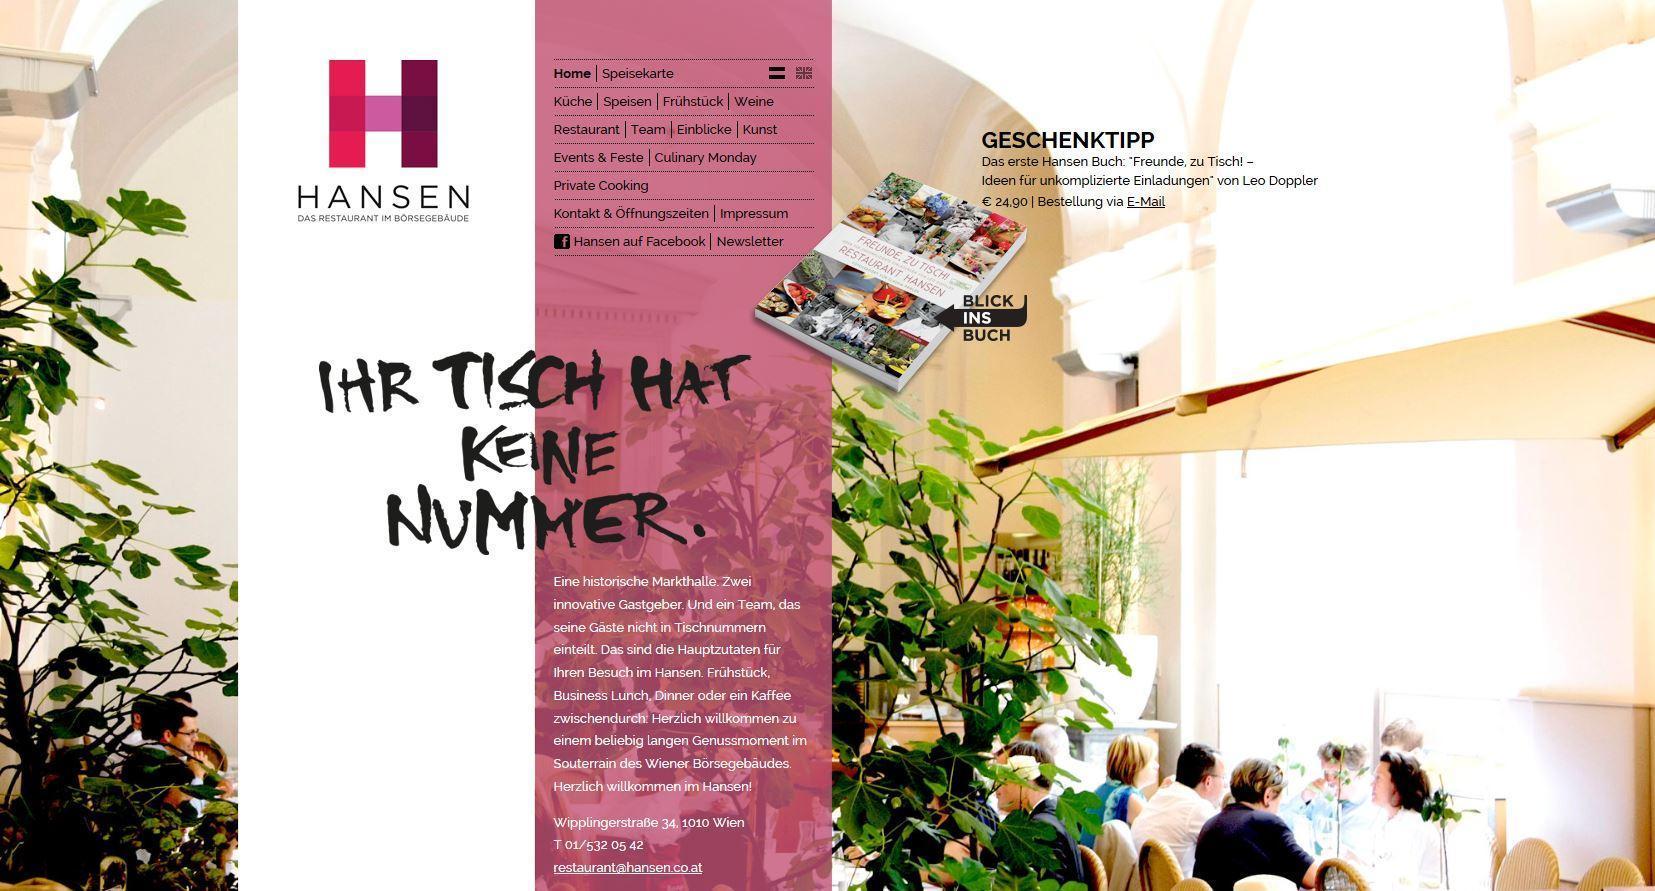 Restaurant Hansen